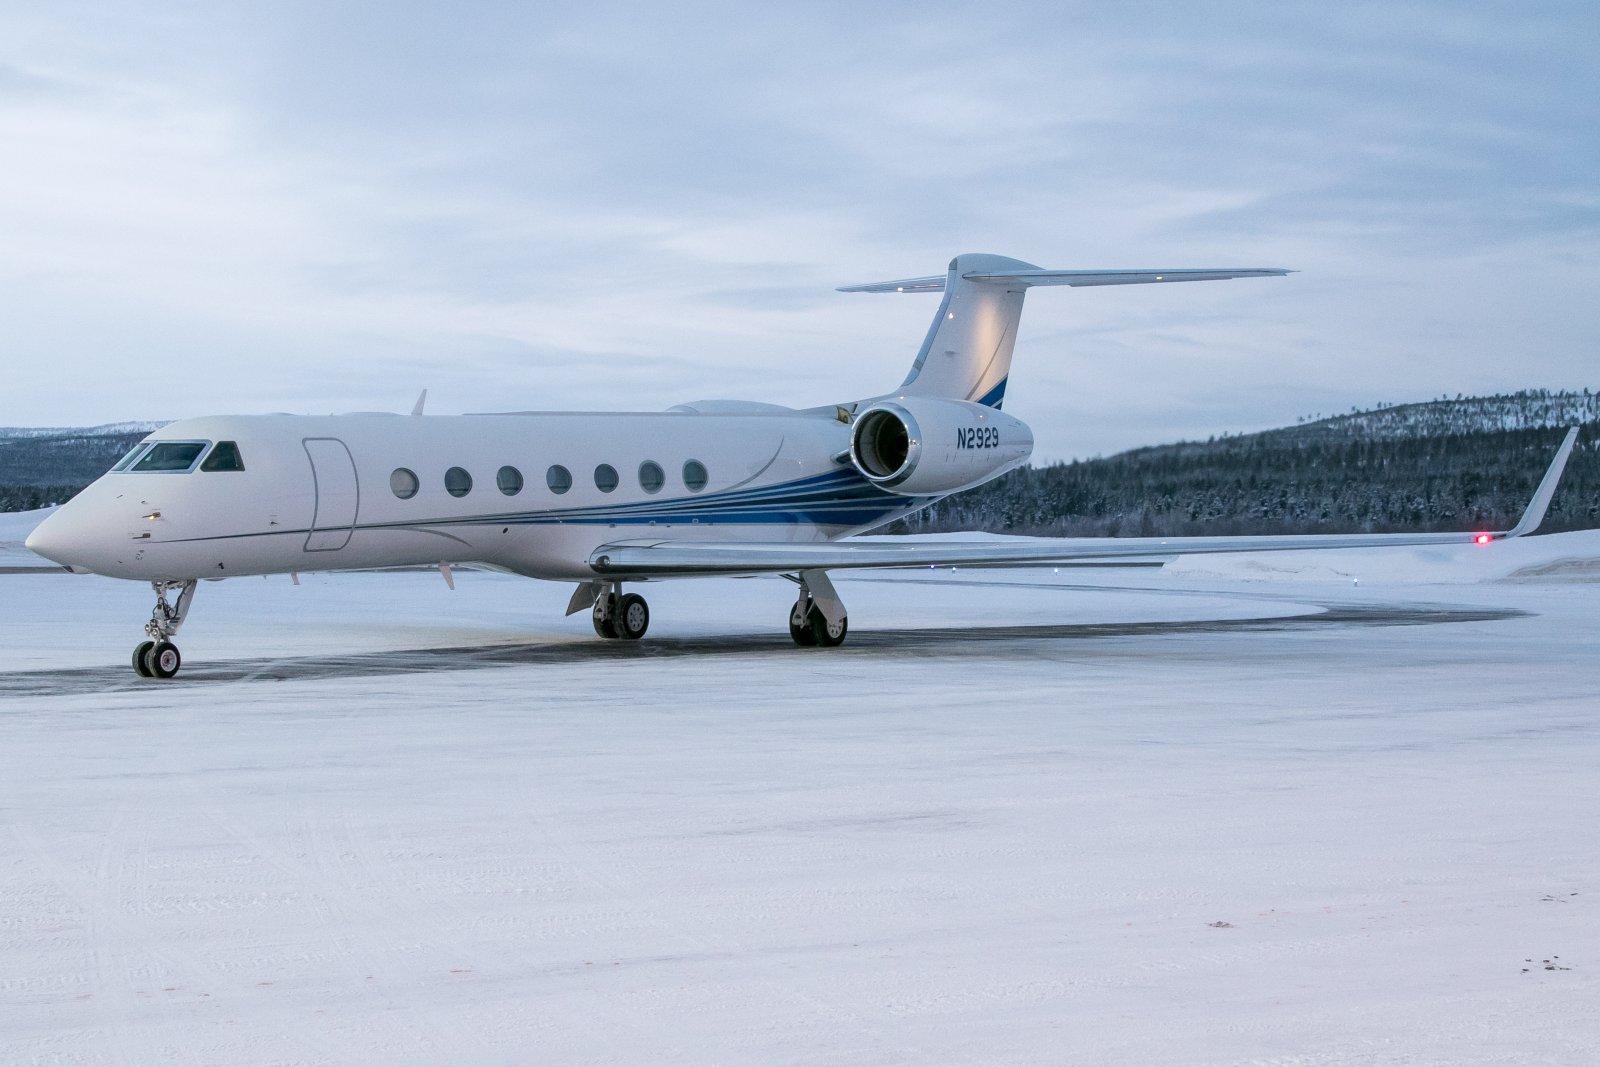 N2929. Gulfstream G550